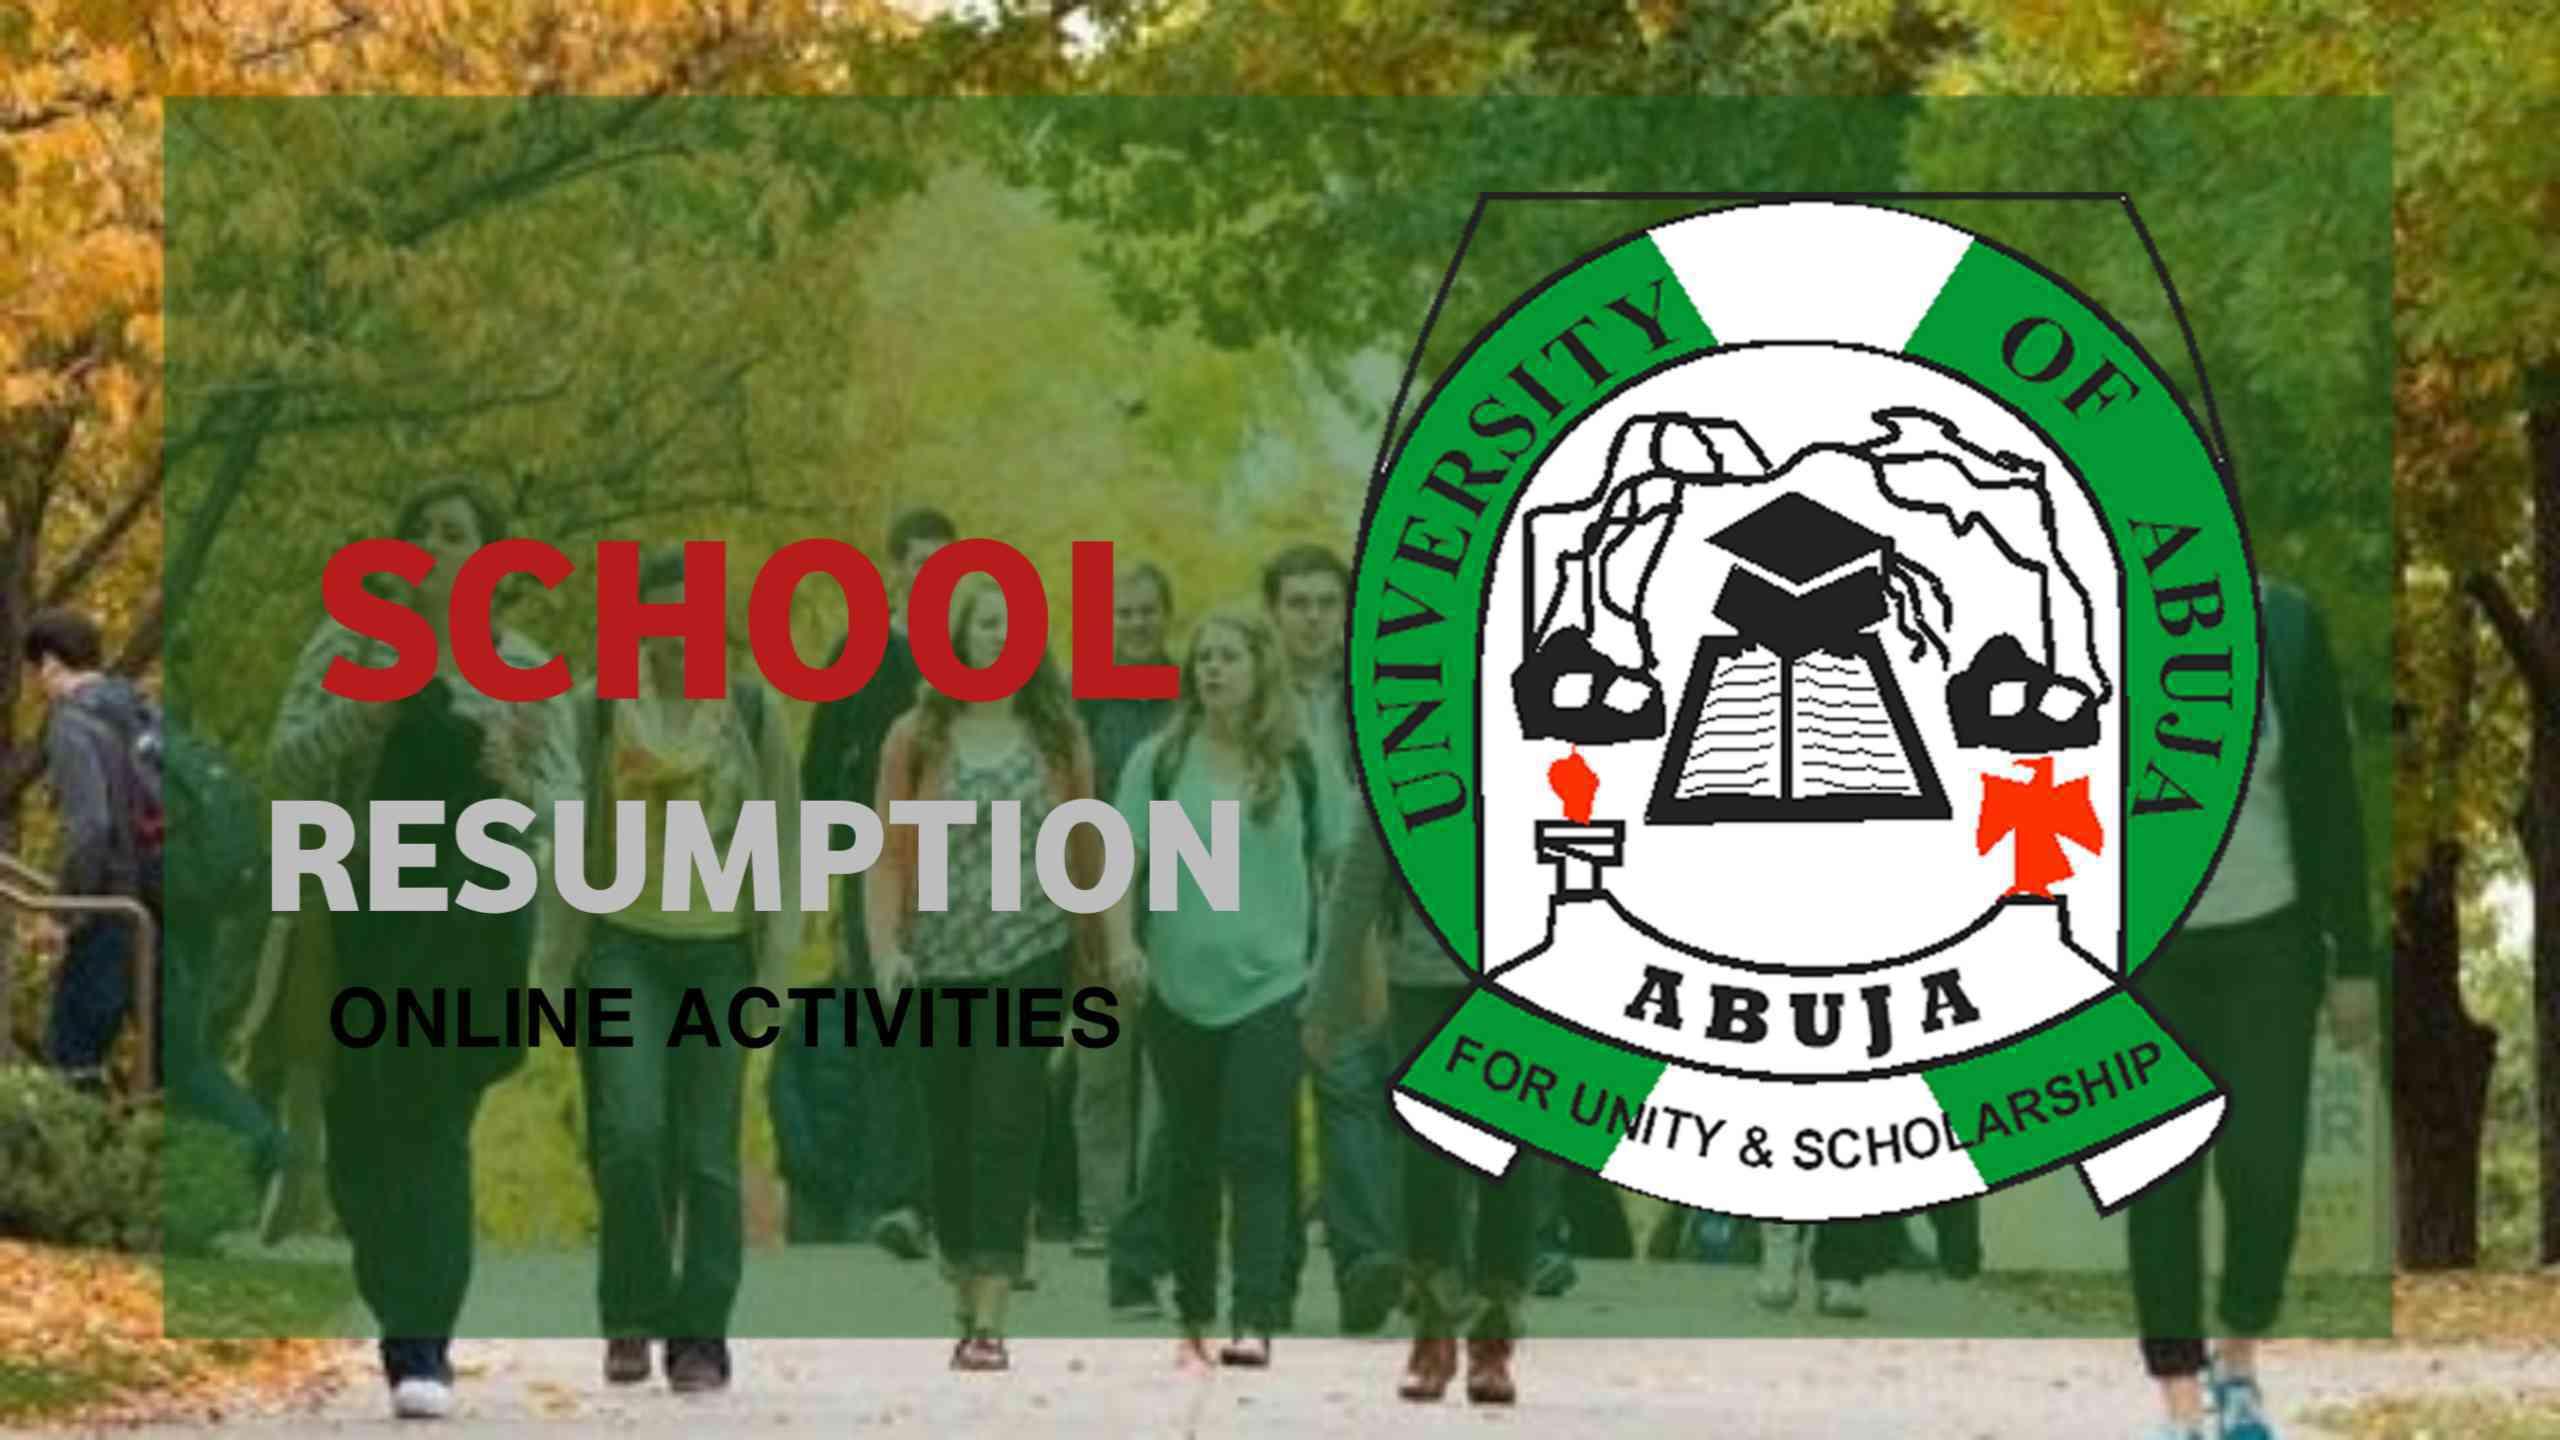 Uoa: Resumption Of School Activities Online